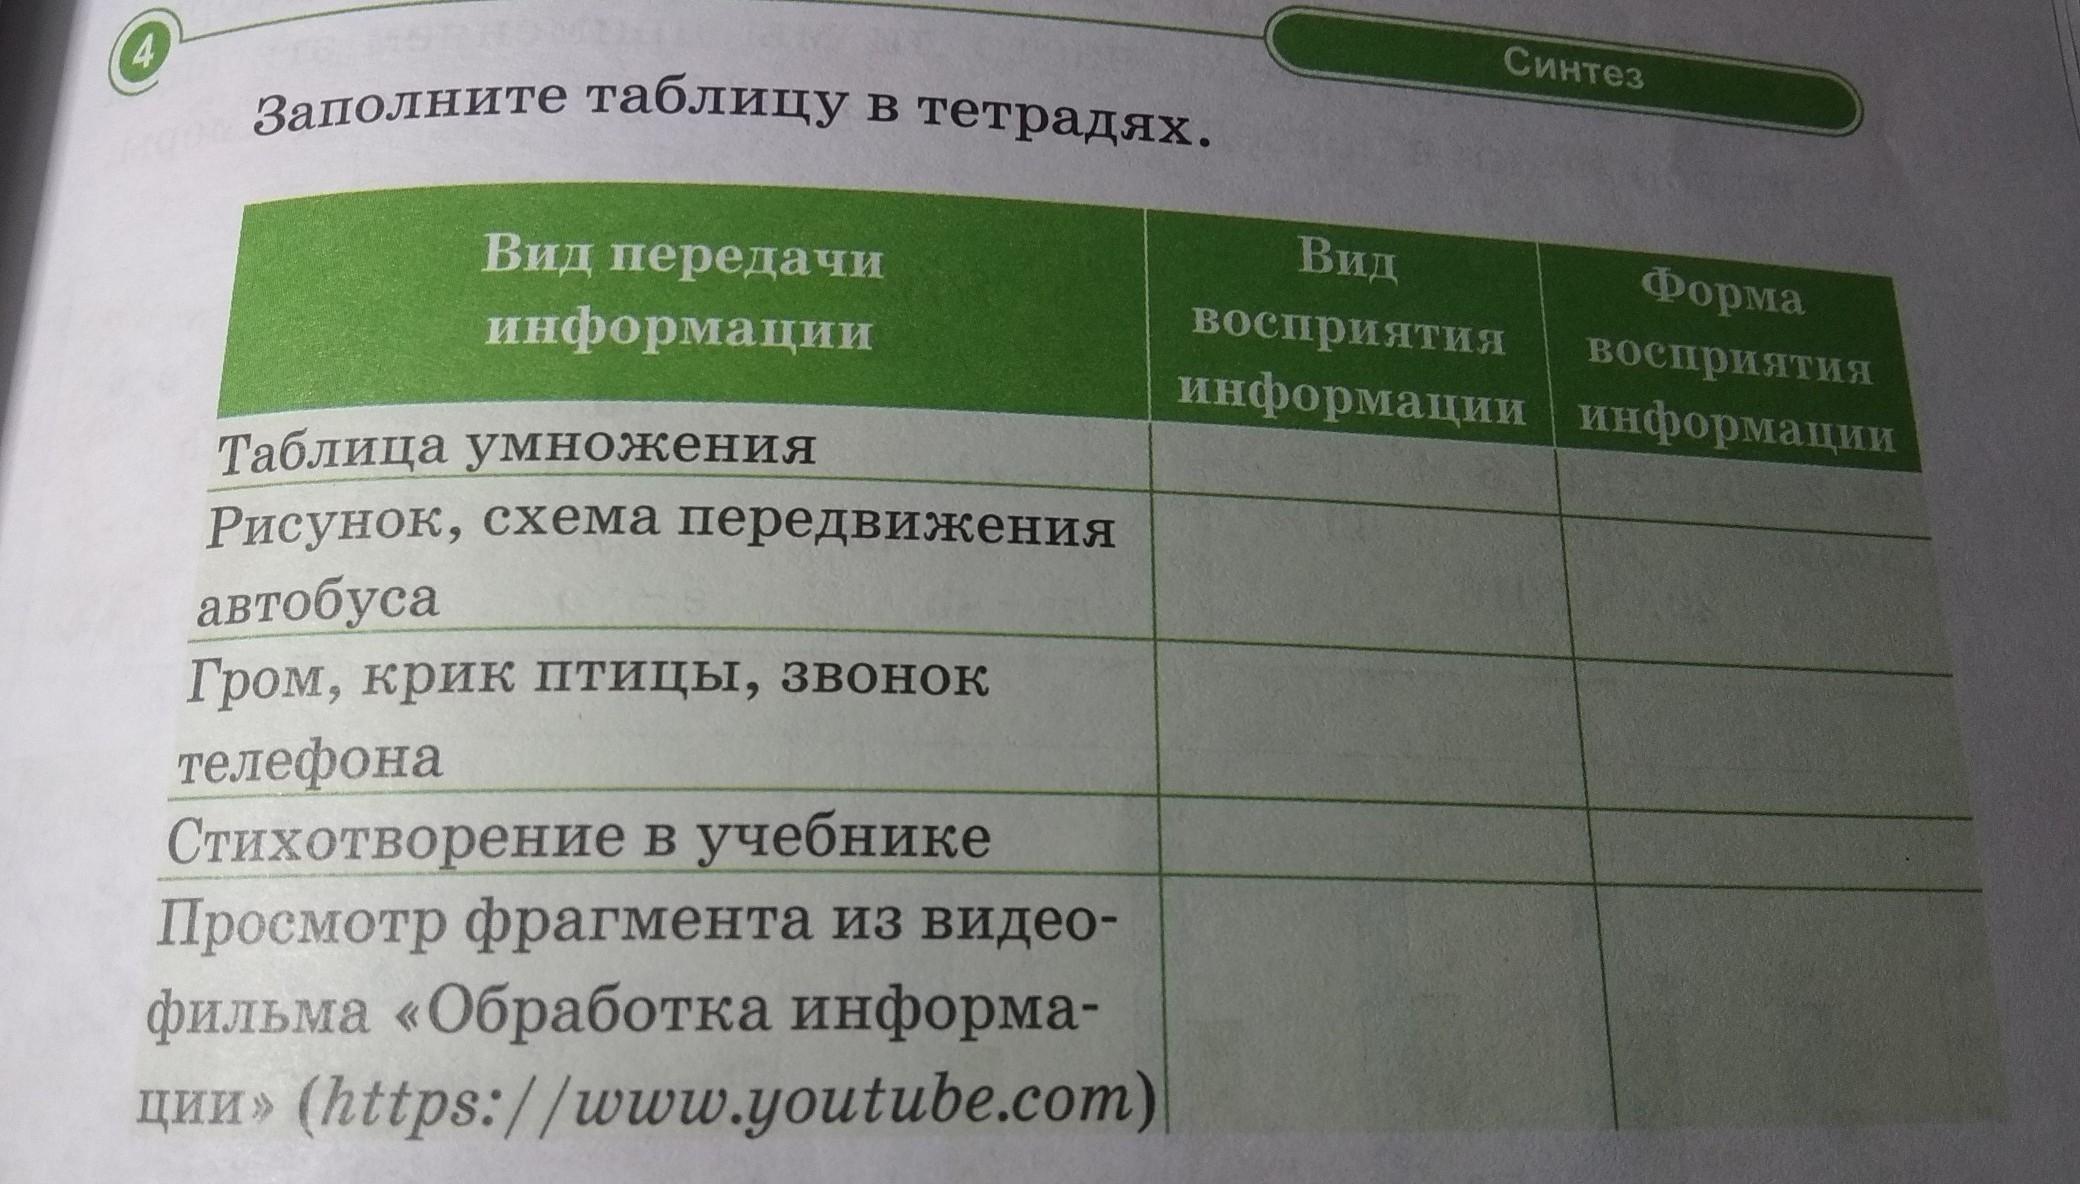 Передача информации заполнить схему